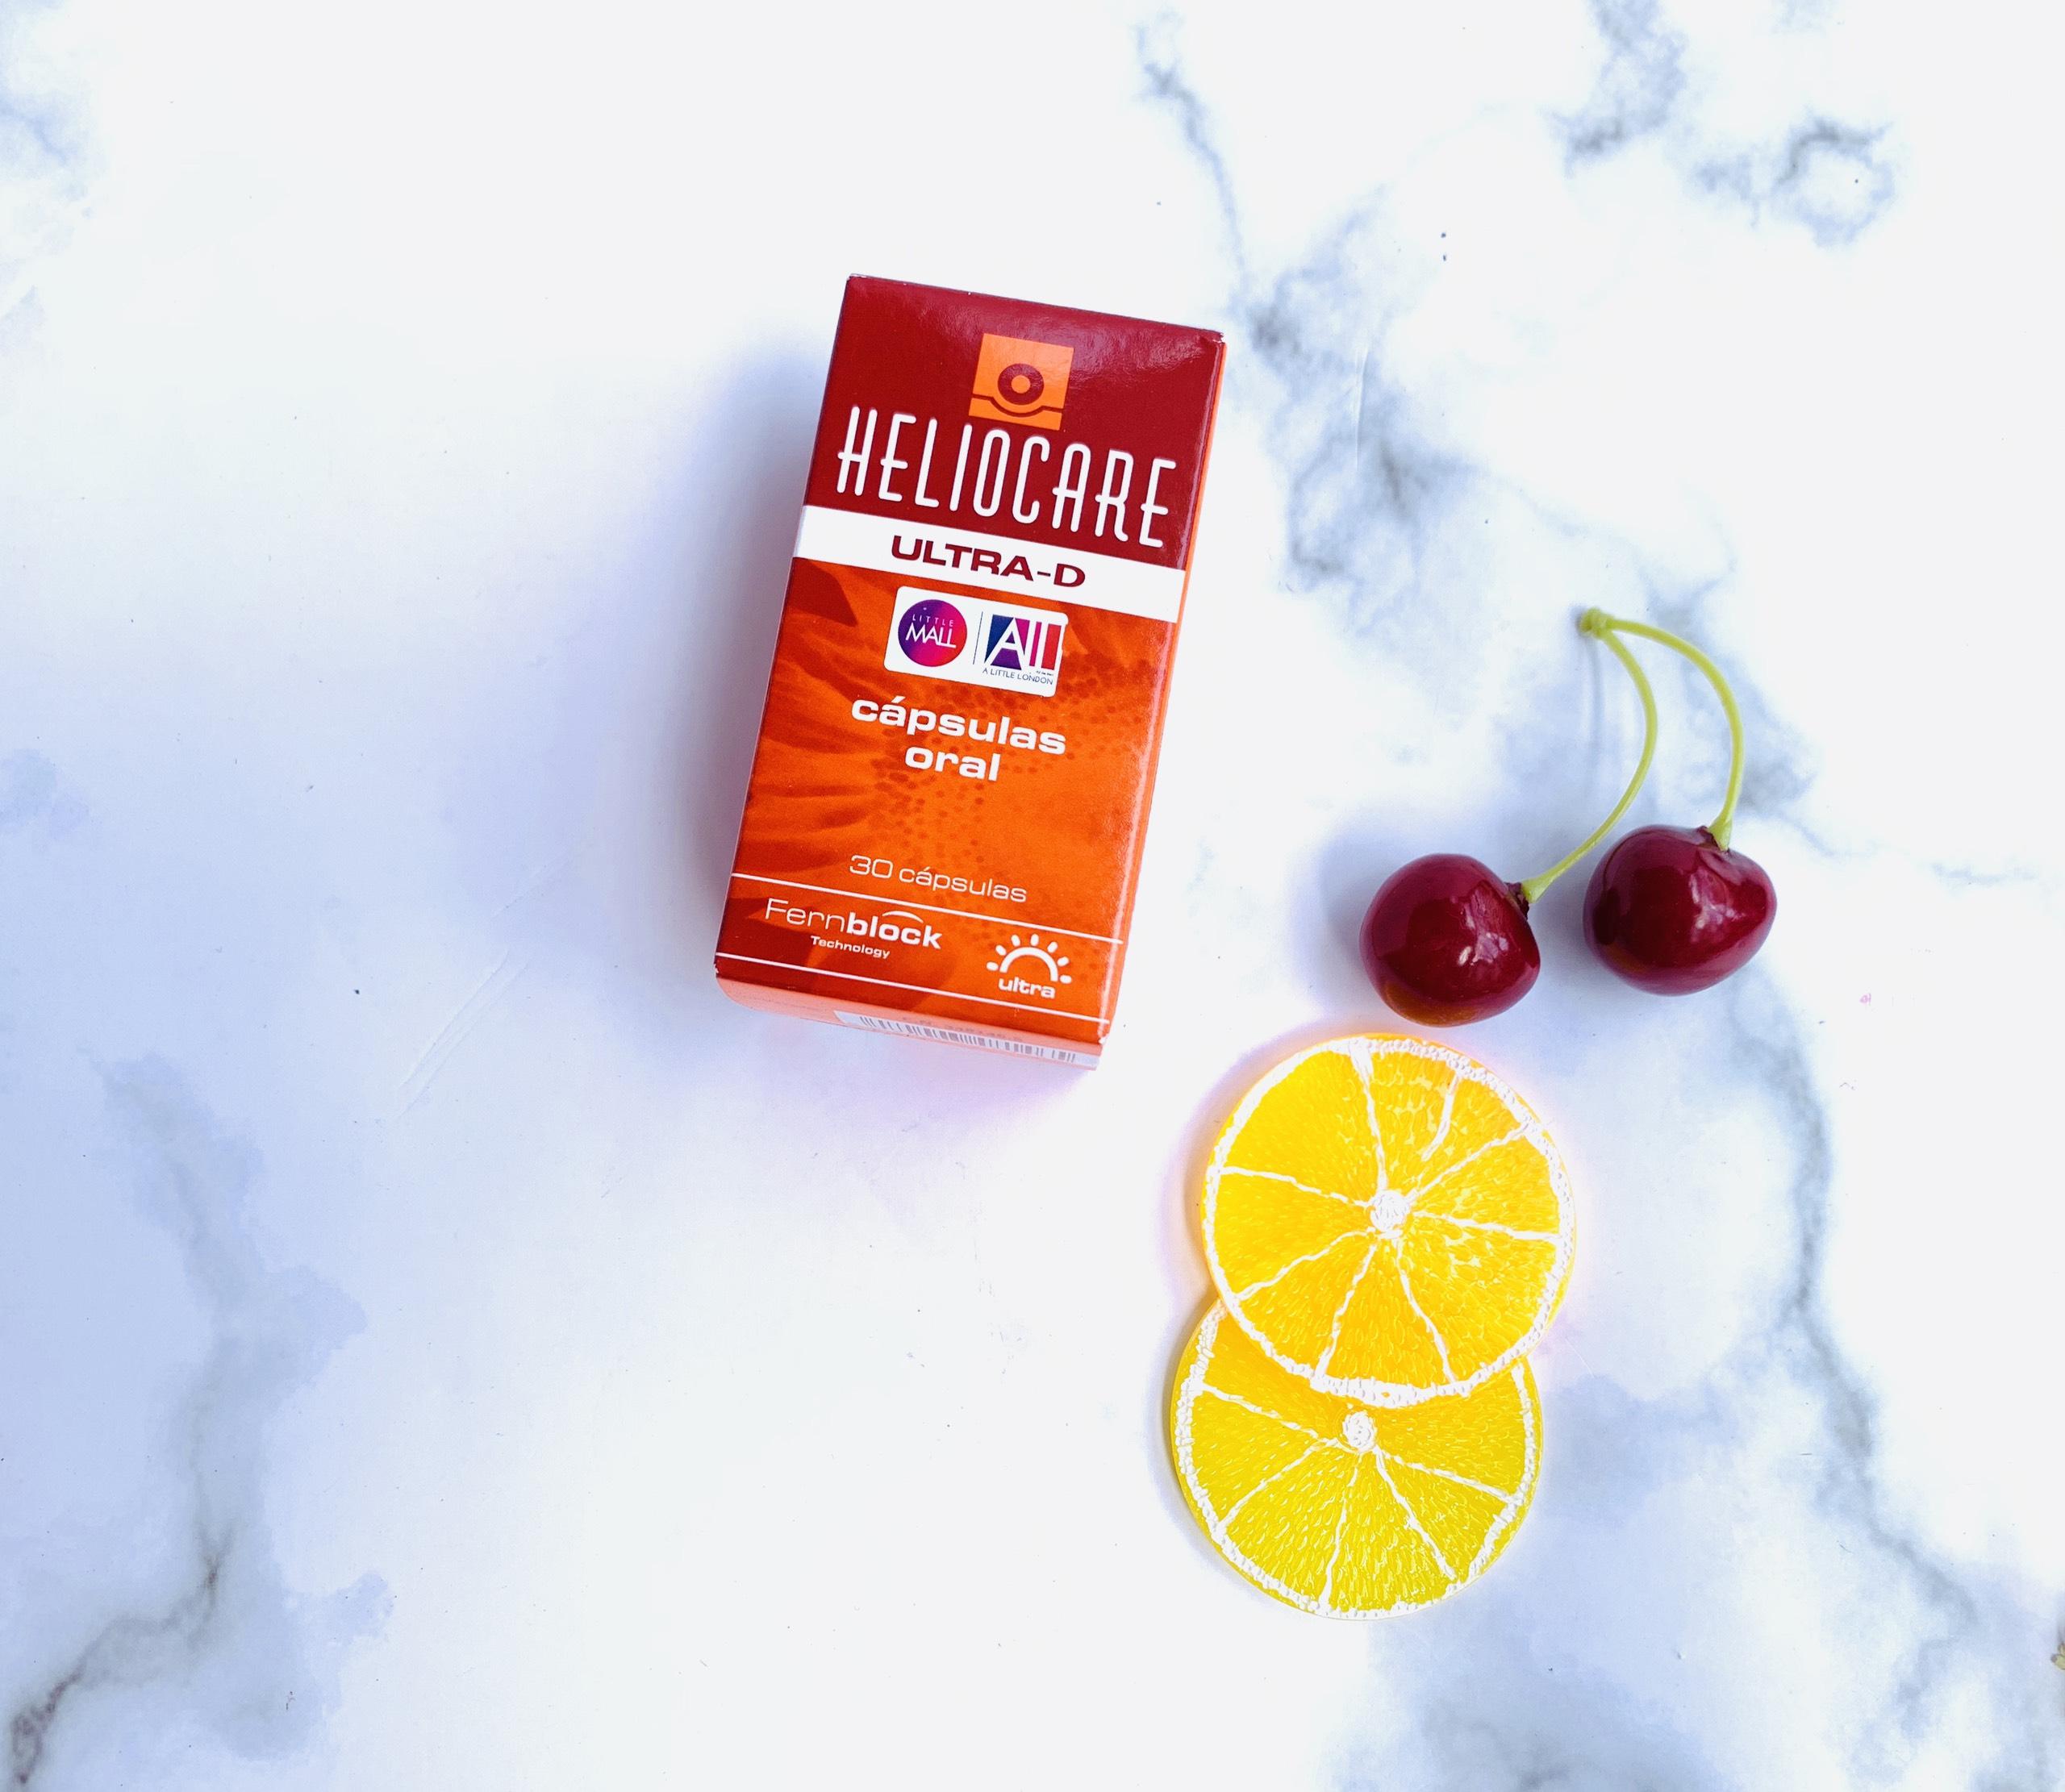 Viên uống chống nắng Heliocare Oral Ultra-D 30 Viên (Nhập khẩu)